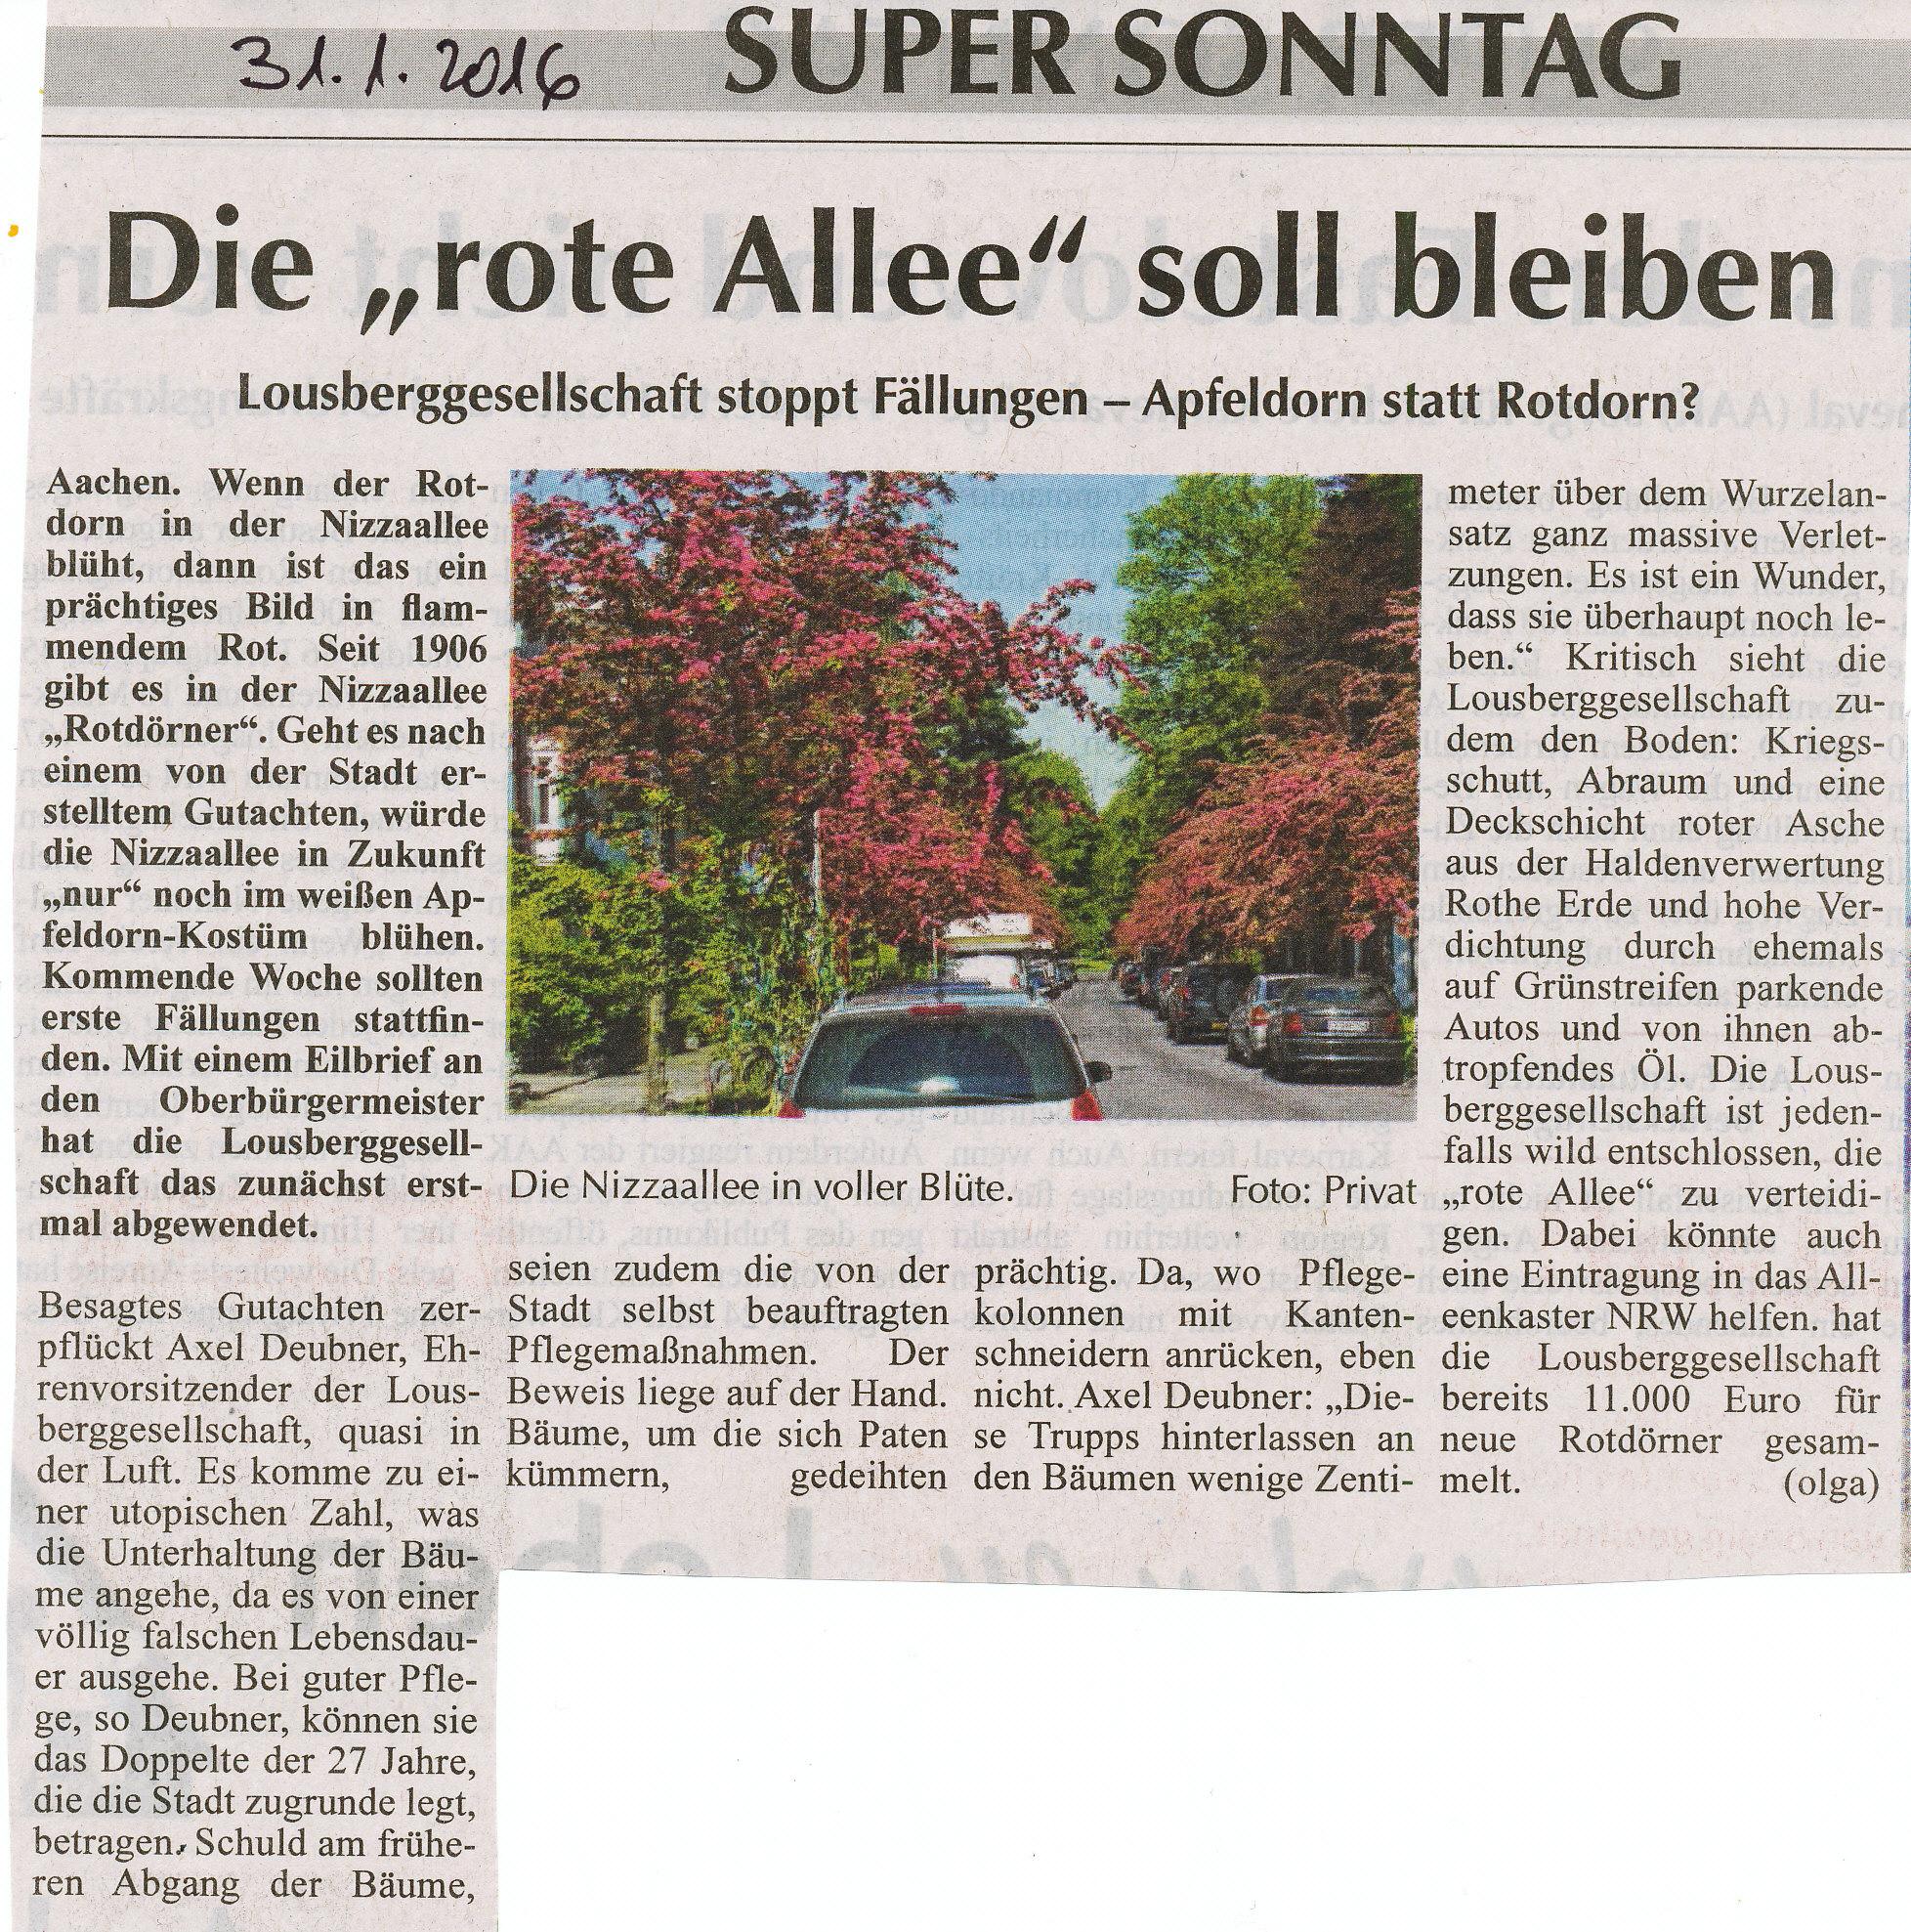 """mit freundlicher Genehmigung von SuperSonntag: """"Die rote Allee soll bleiben"""" vom 31.01.2016"""